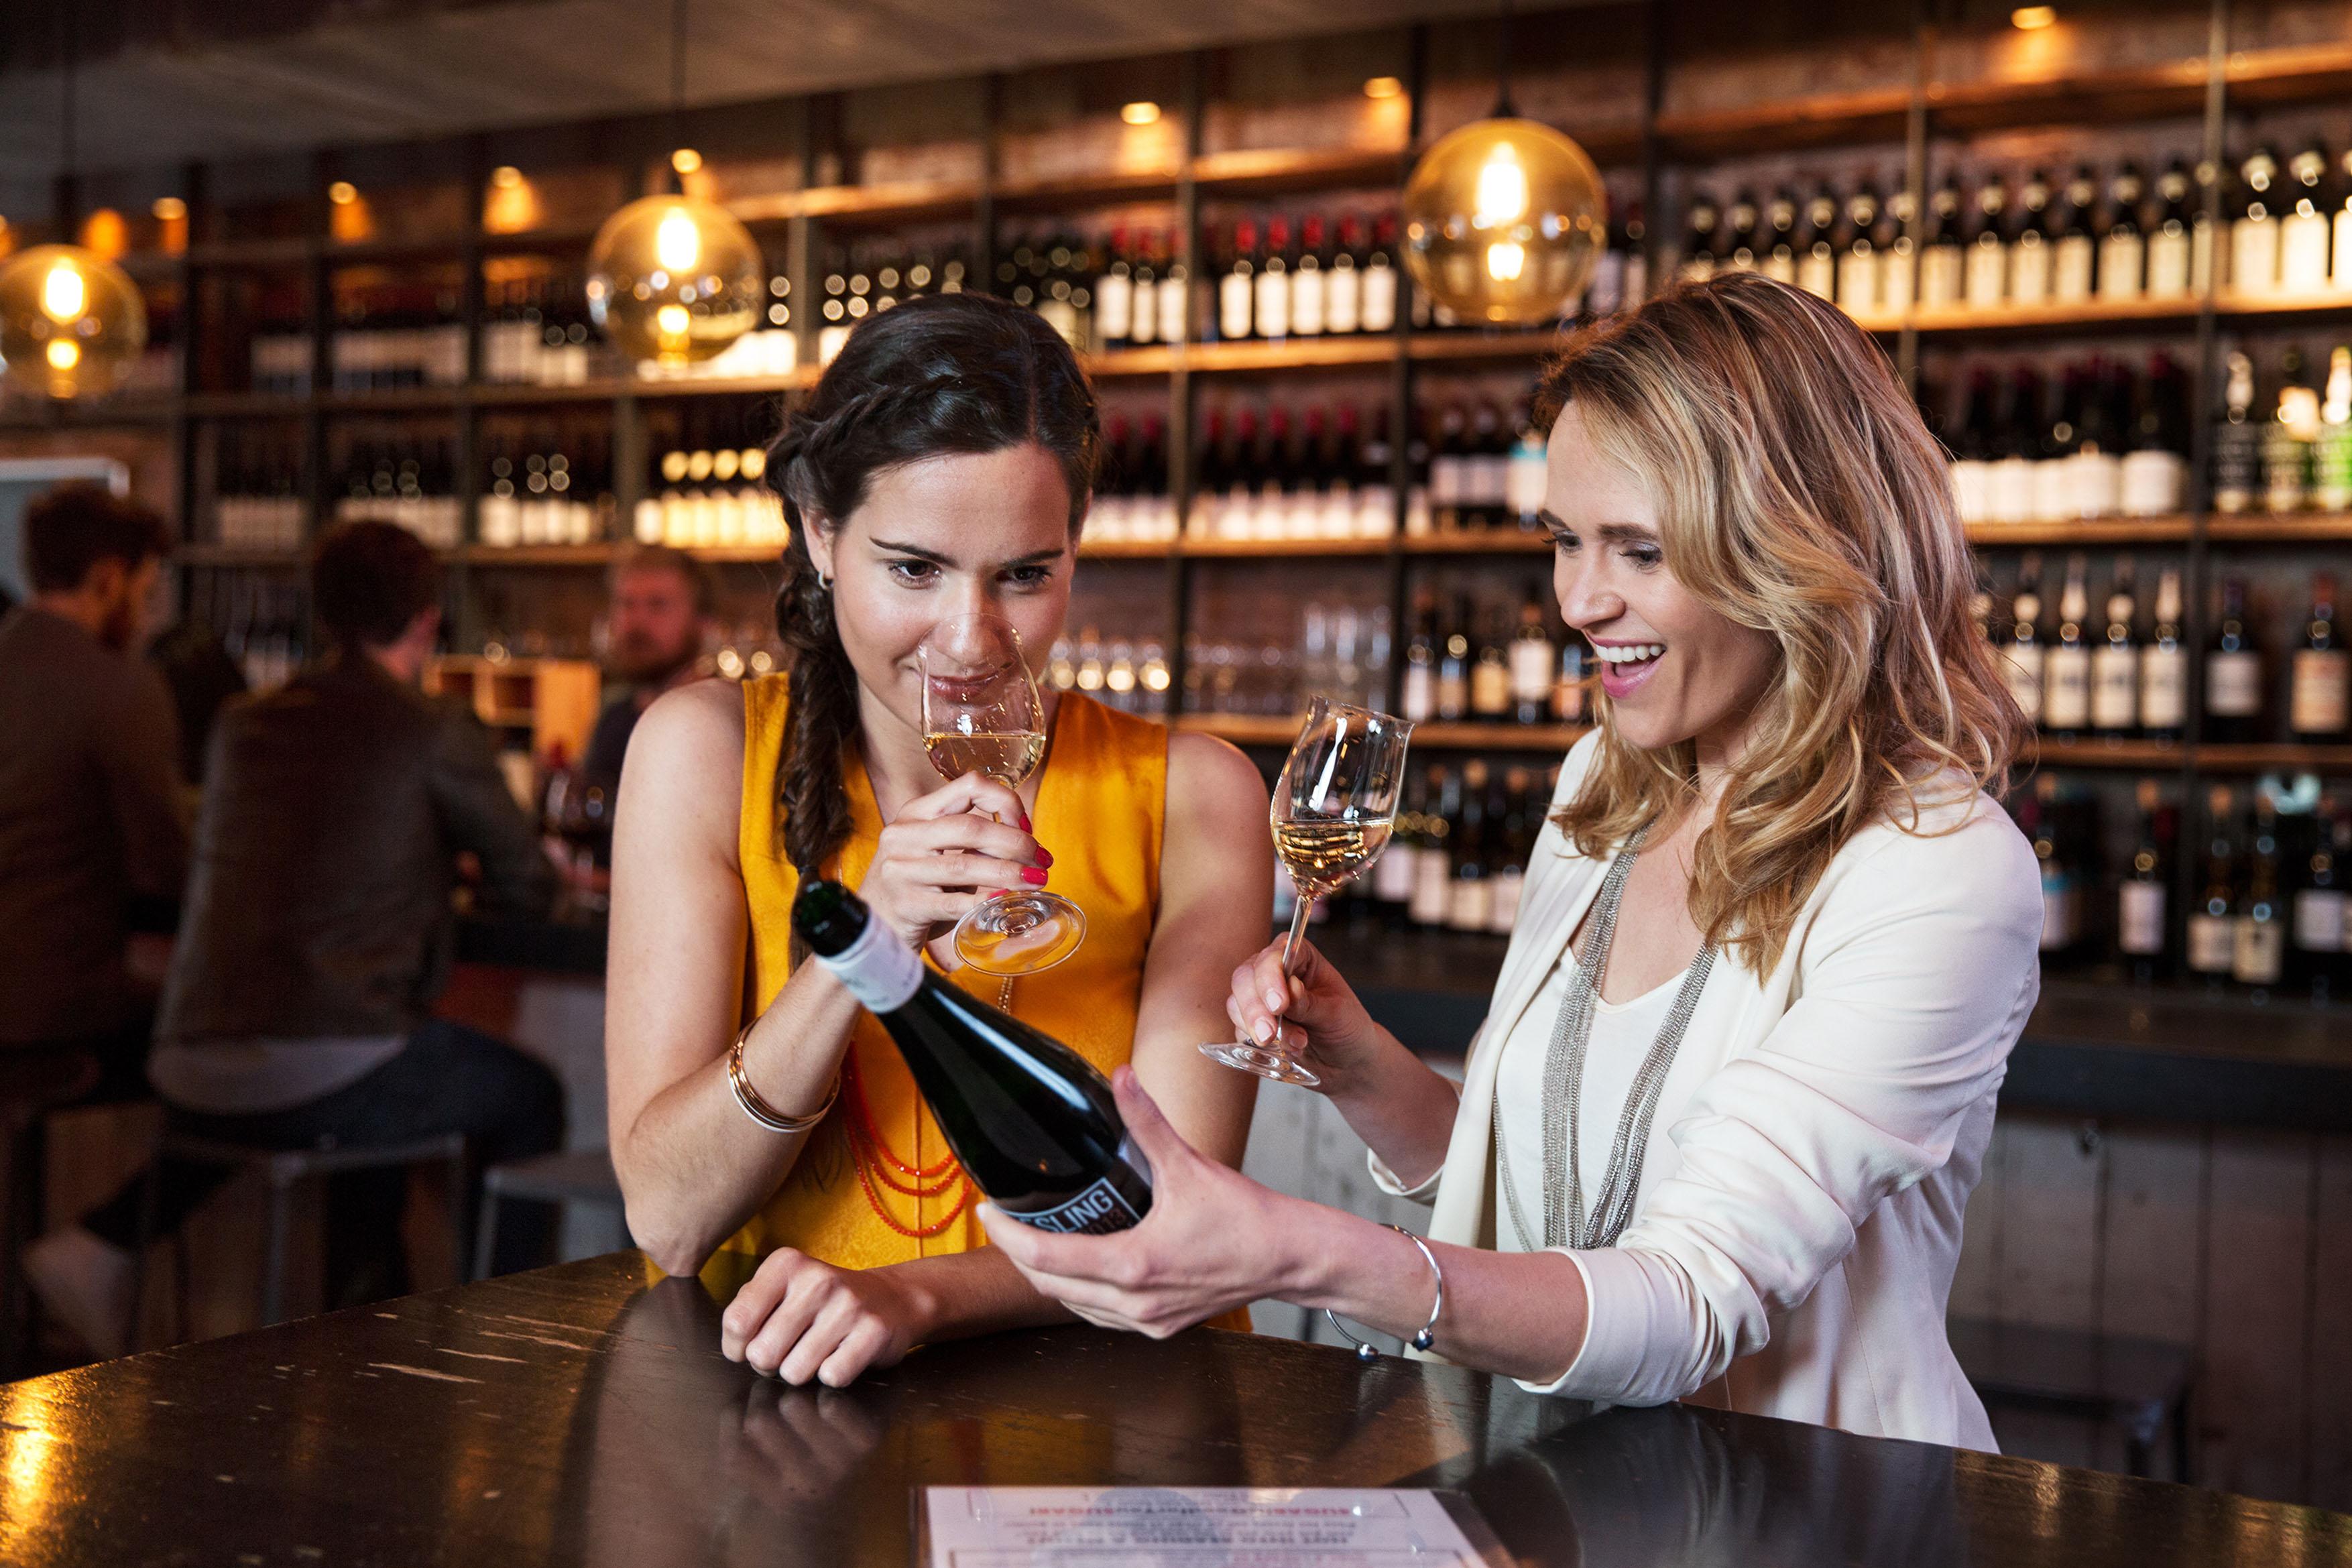 Nimm einen Schluck! Der Tag des offenen Weines wartet auf deinen Besuch.